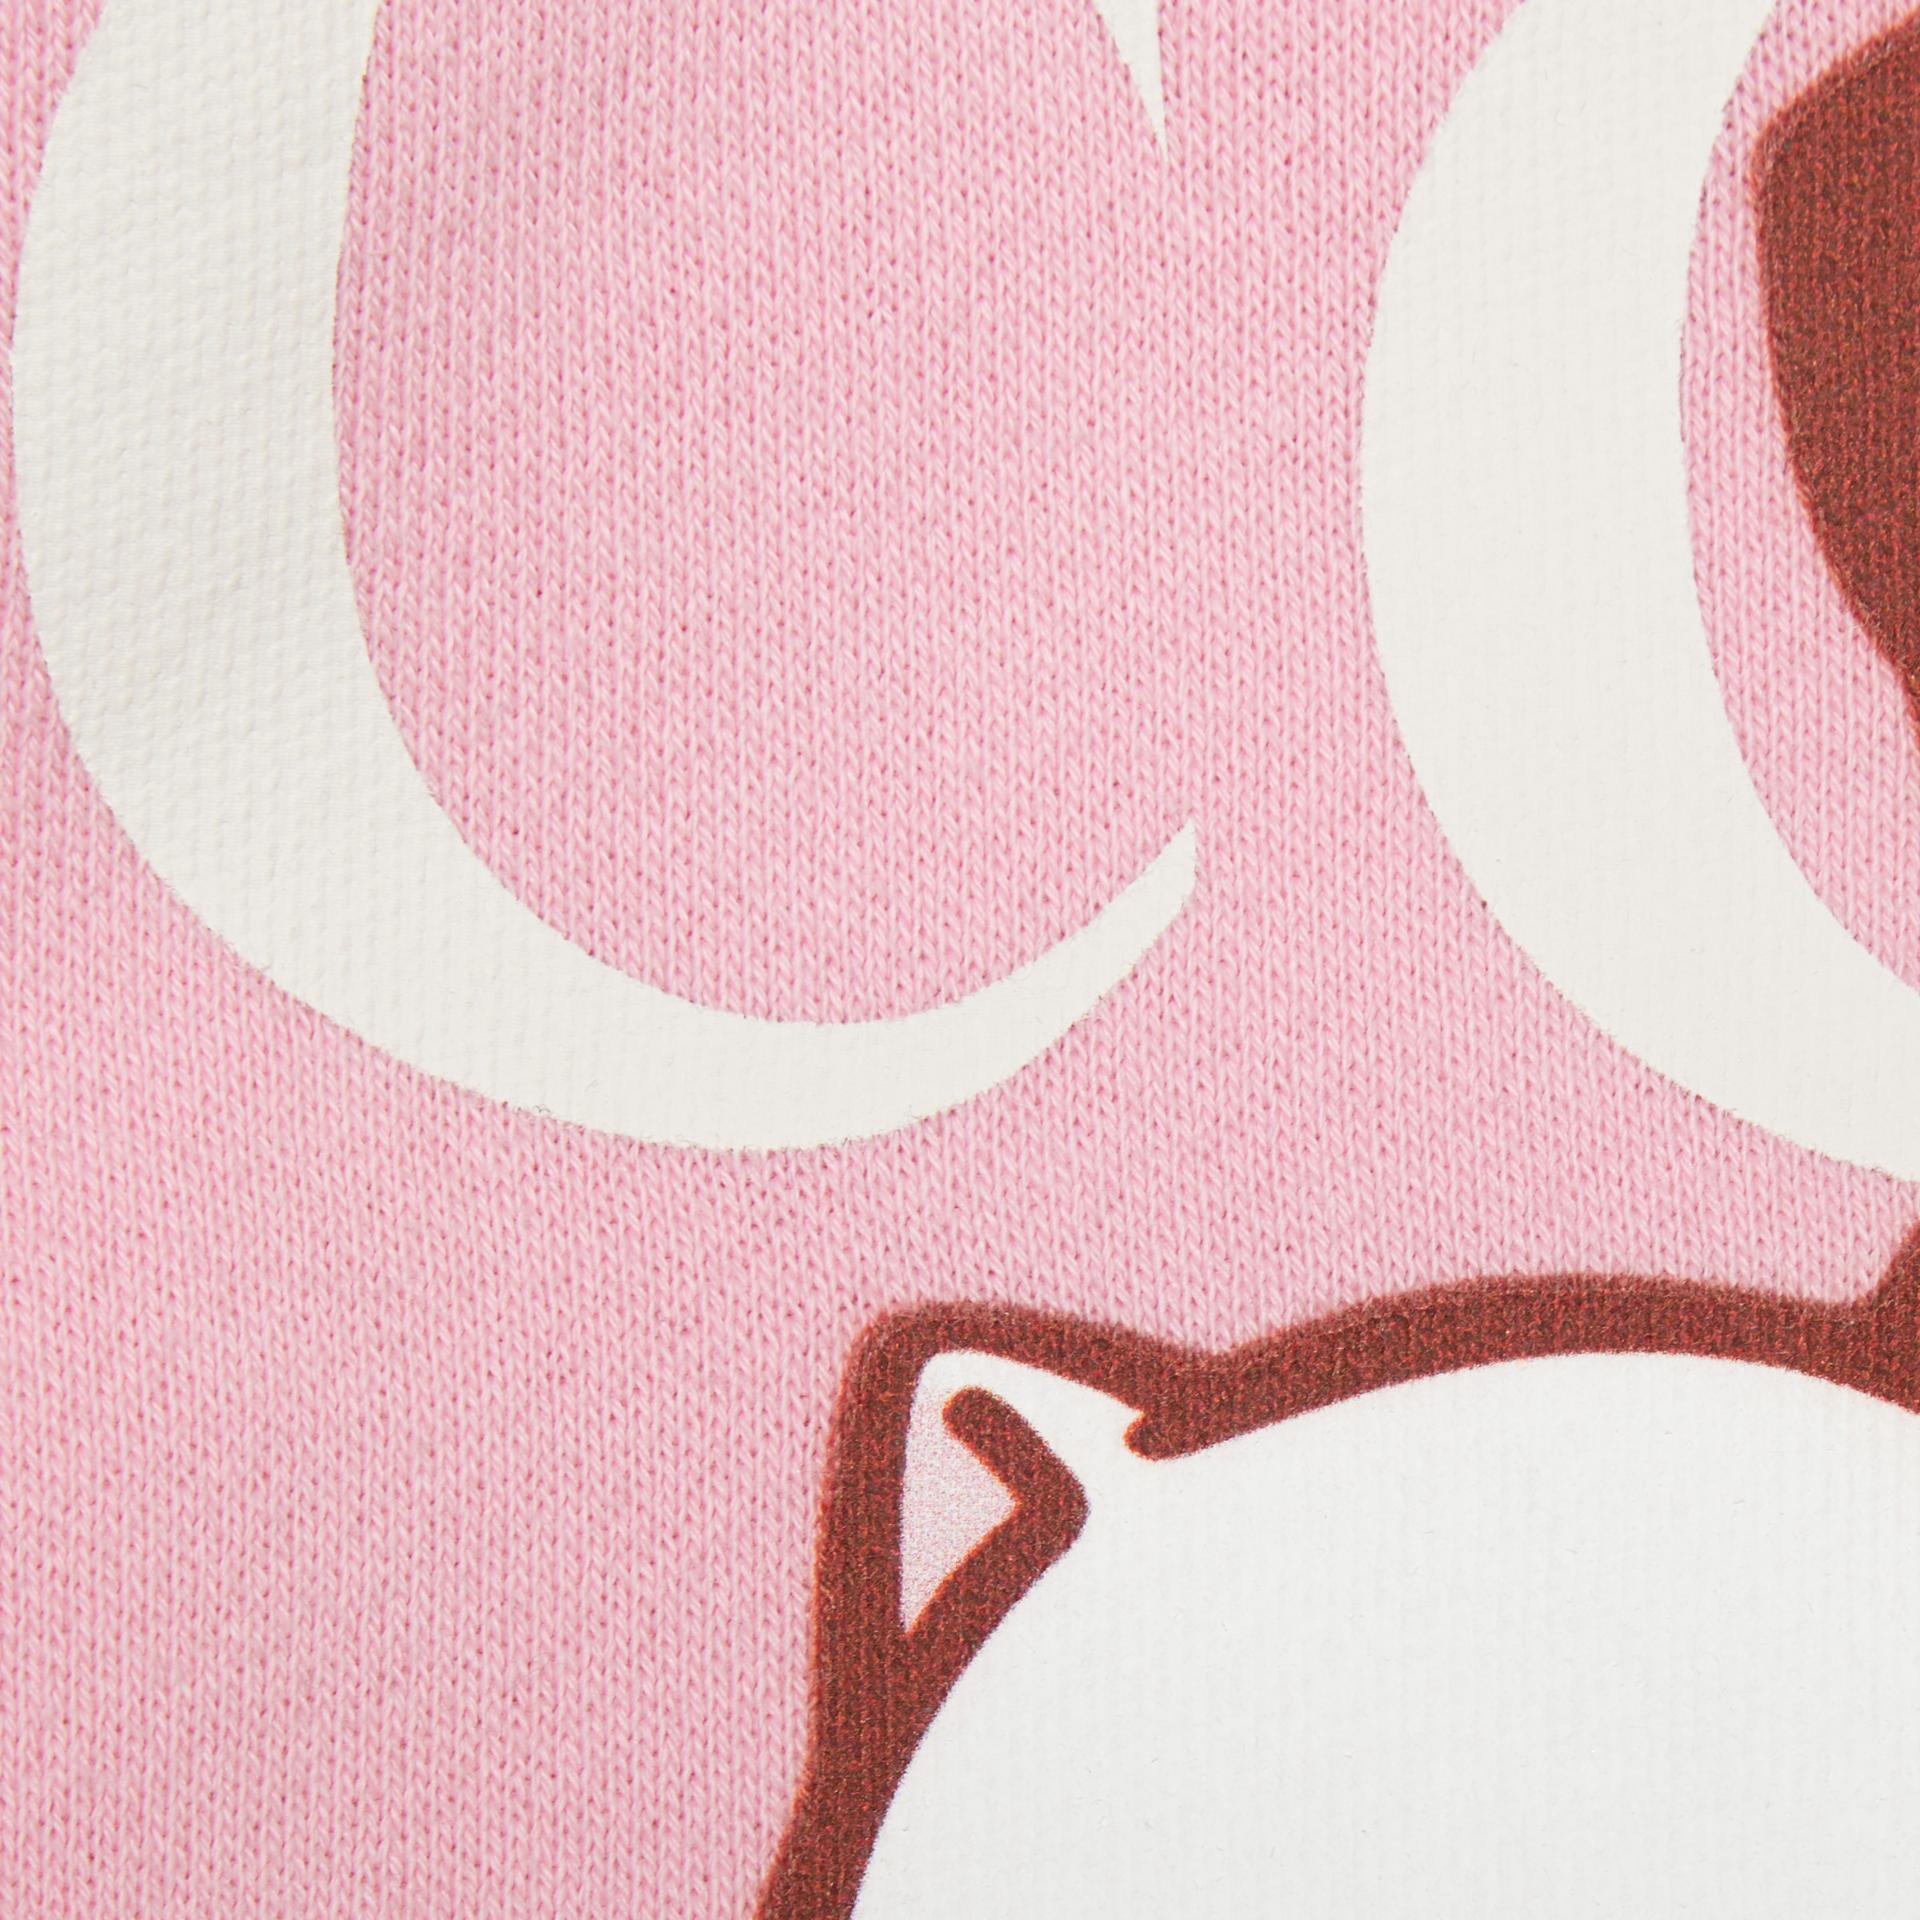 유럽직배송 구찌 GUCCI Gucci - Bananya x Gucci hooded sweatshirt 615061XJDL55904